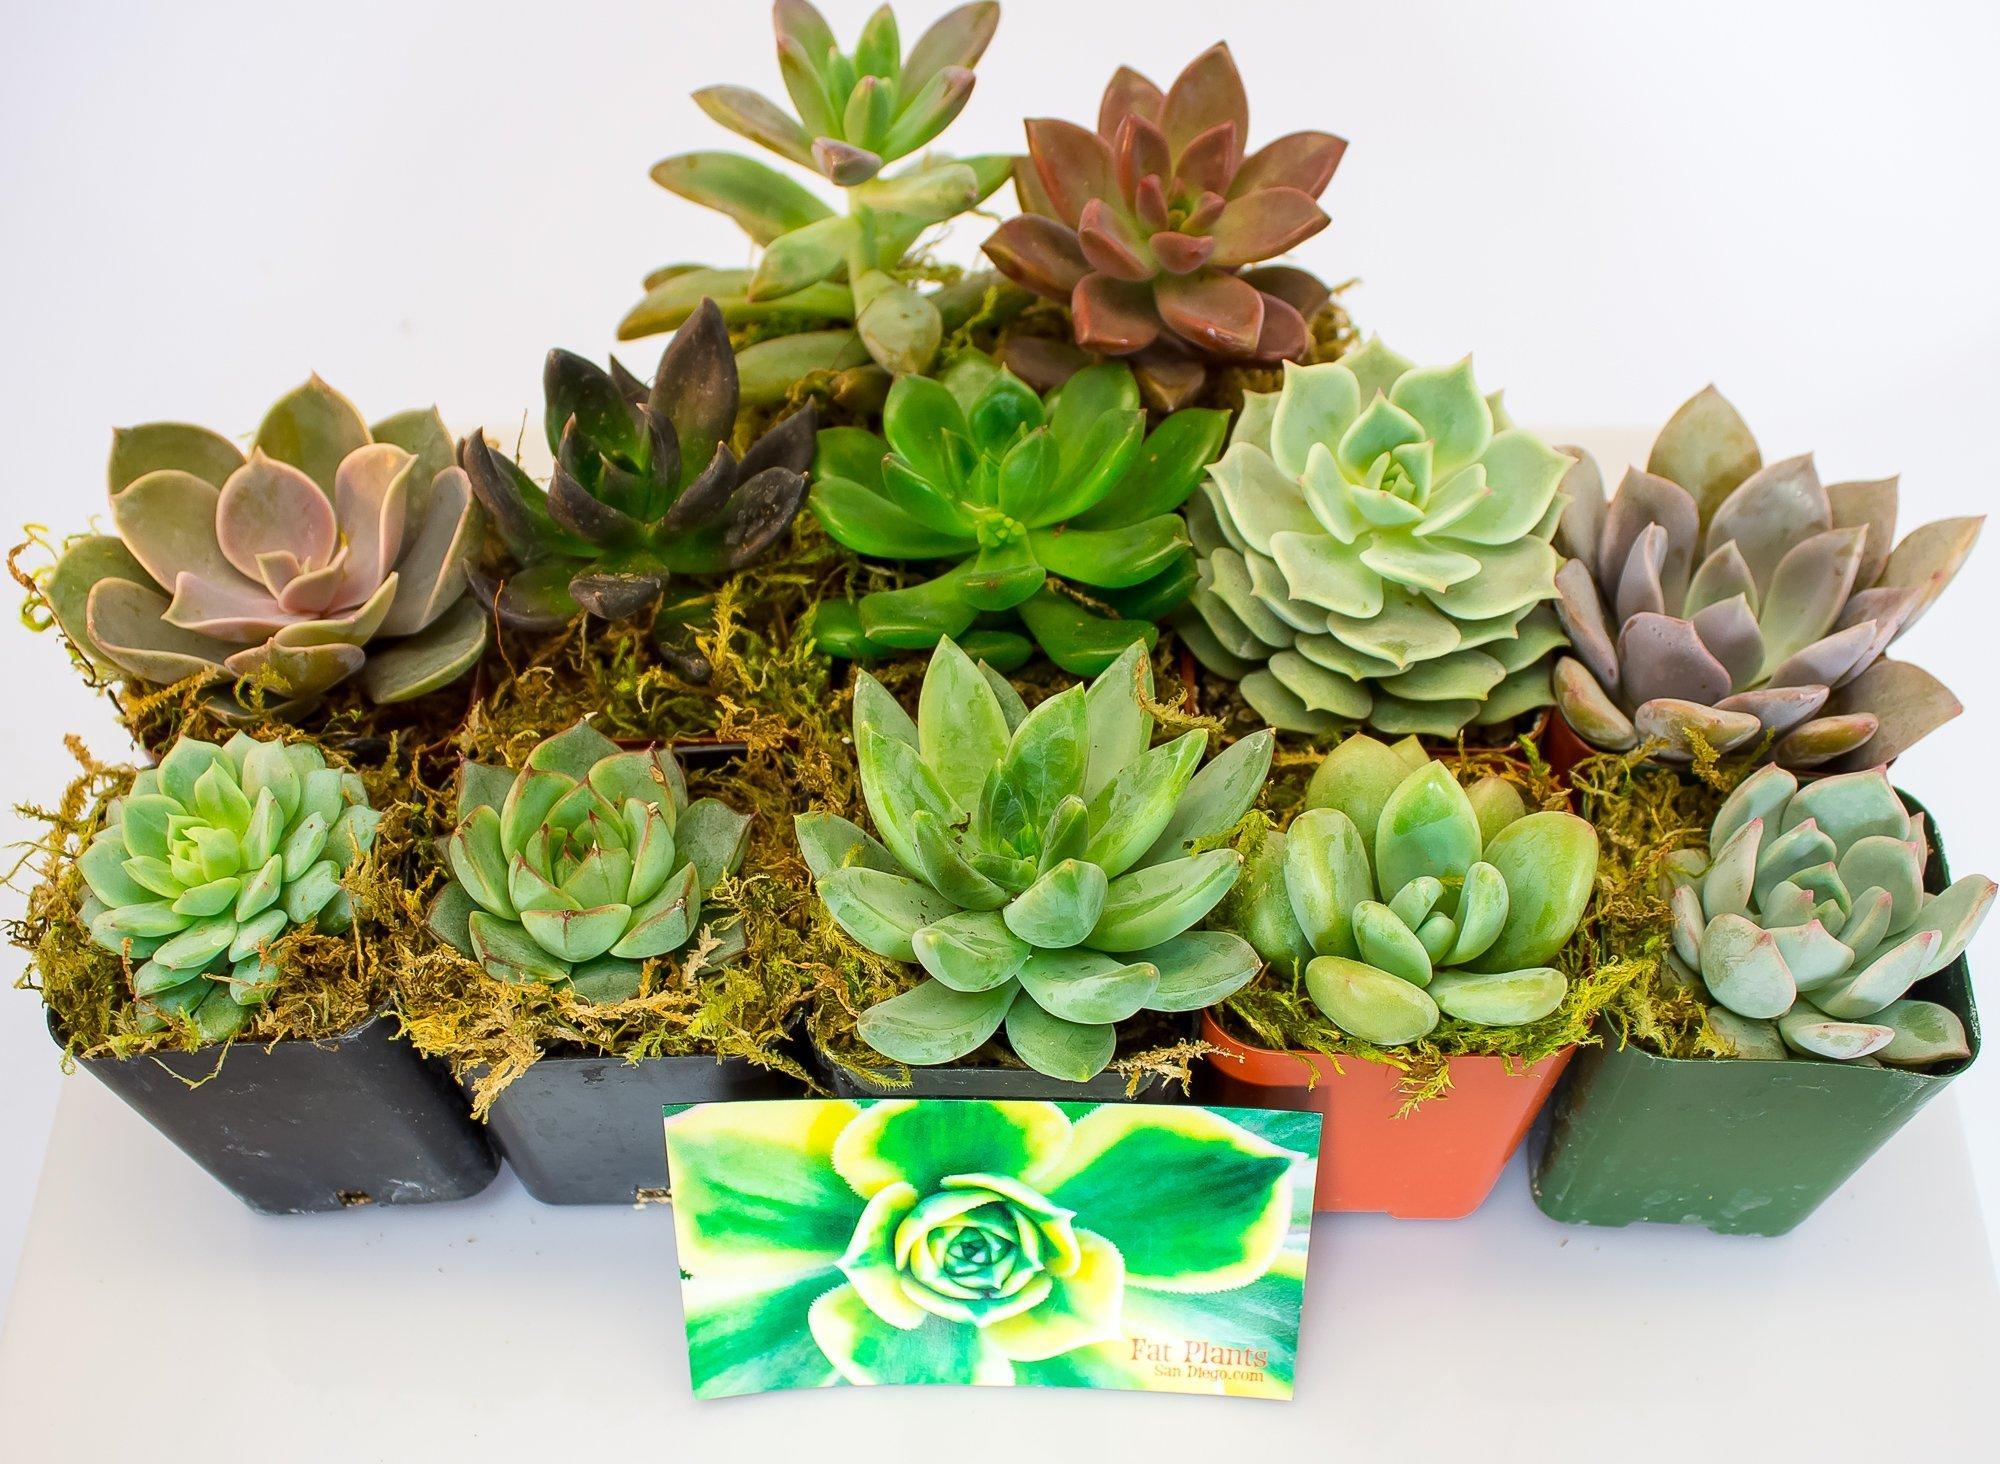 Fat Plants San Diego Mini Rosette Succulent Plants in Growers Pots